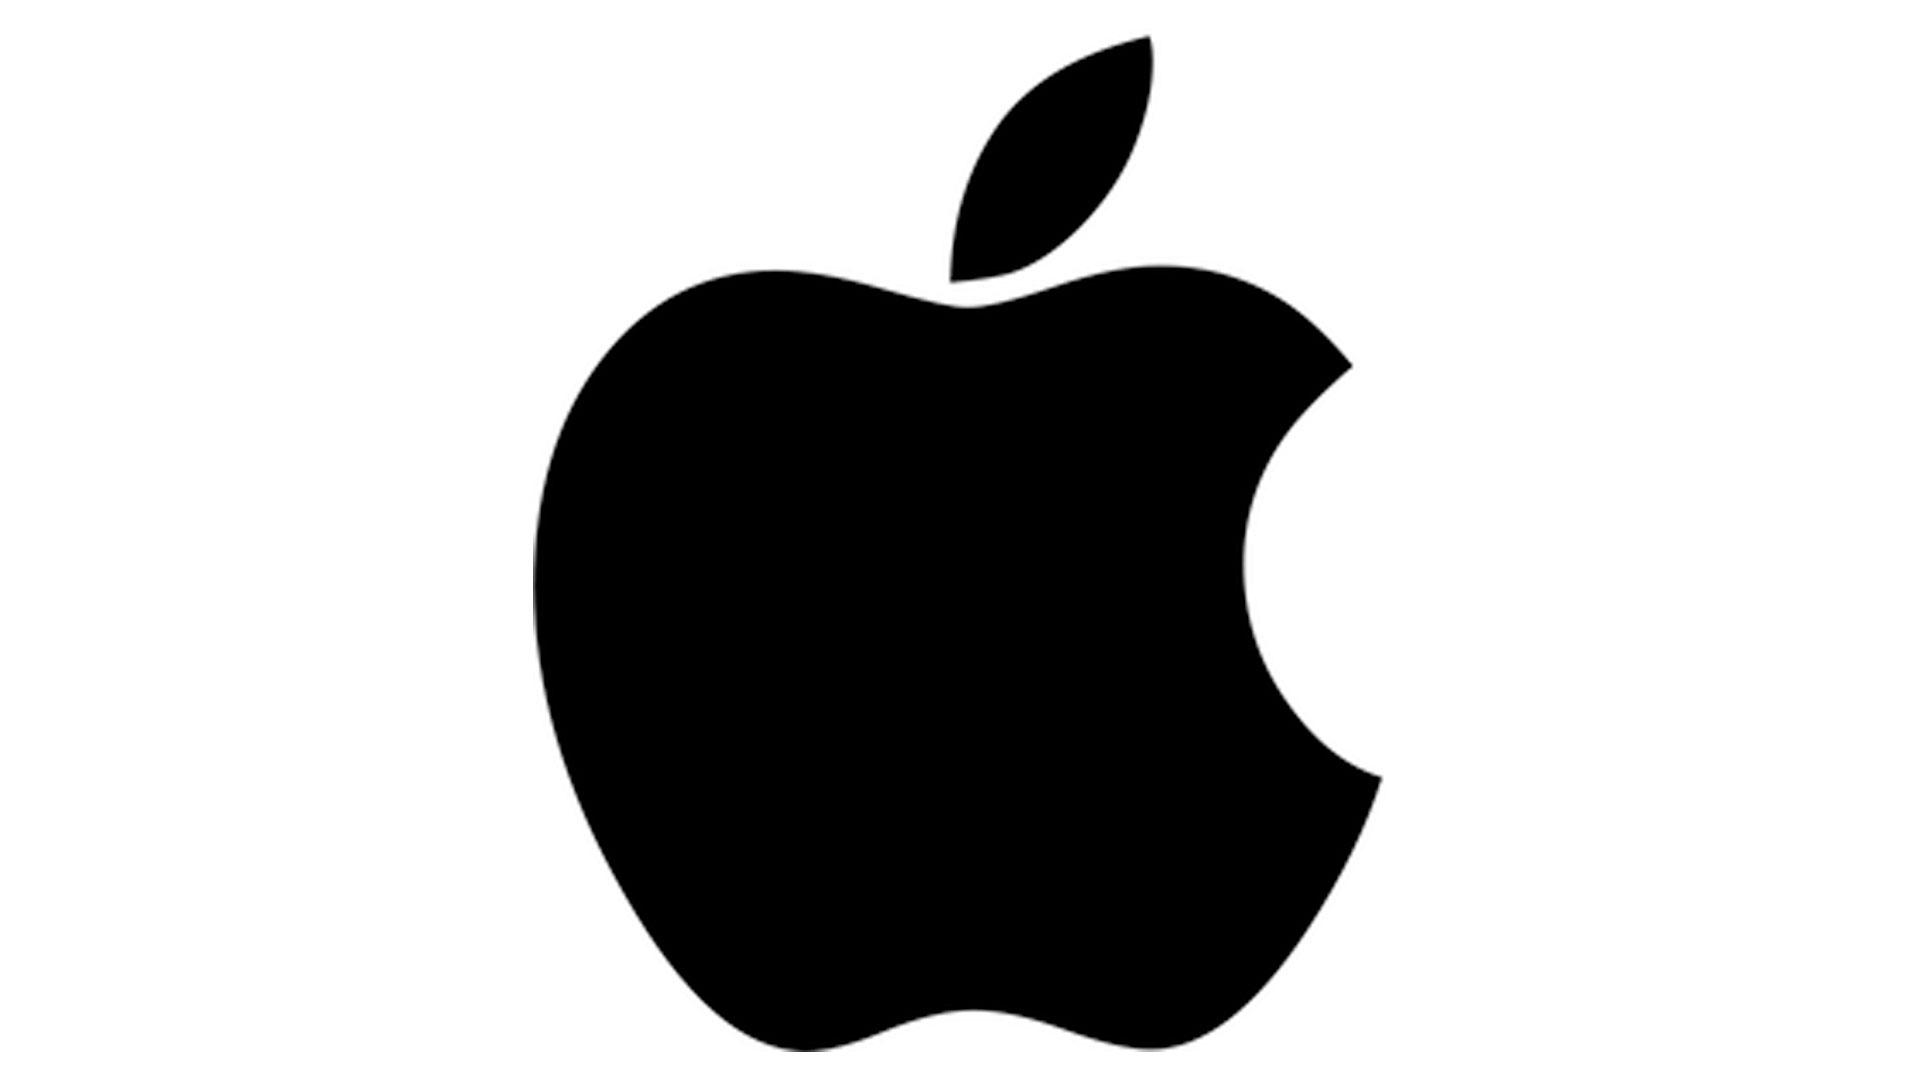 Hacia fines de los noventa, la imagen de Apple perdió los colores